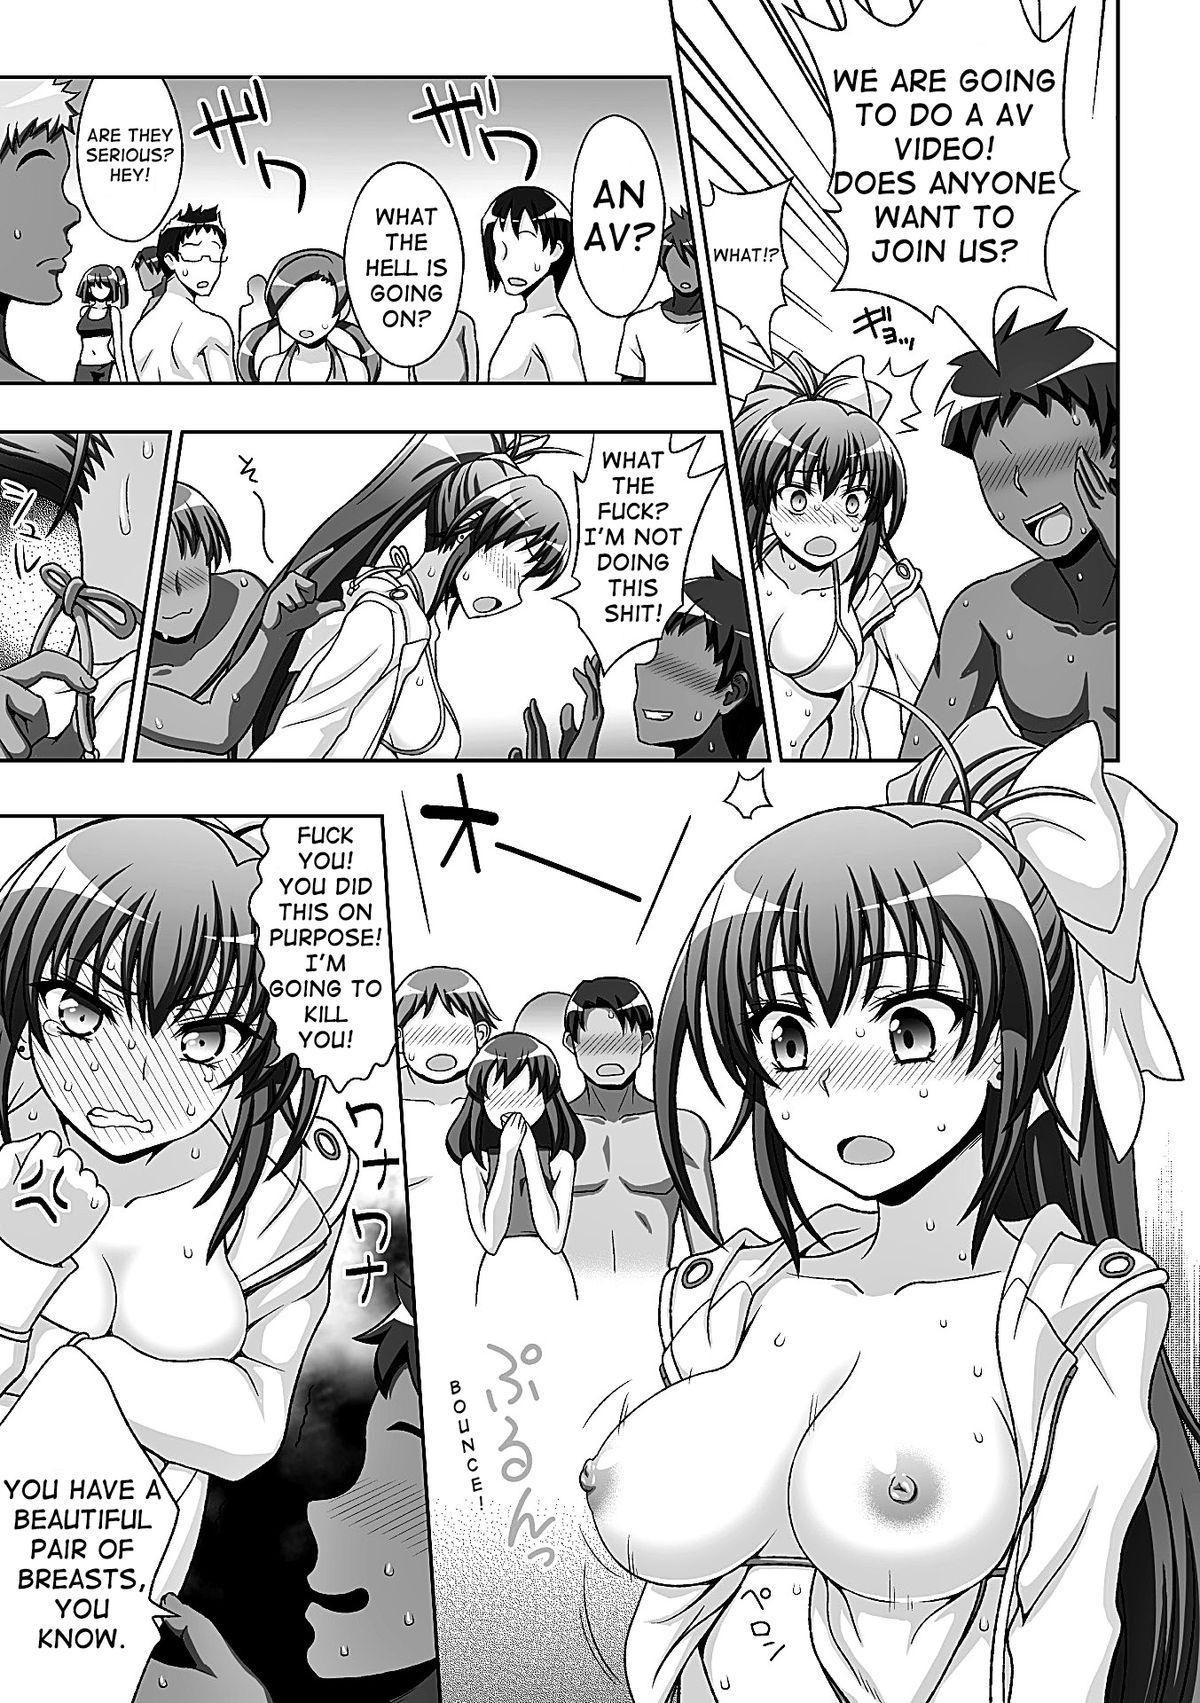 [chaccu] Inyouchuu Shoku ~Ryoushokutou Taimaroku~ Harami Ochiru Shoujo-tachi Ch. 4 (Heroine Pinch Vol. 7) [English] [shakuganexa] [Digital] 4